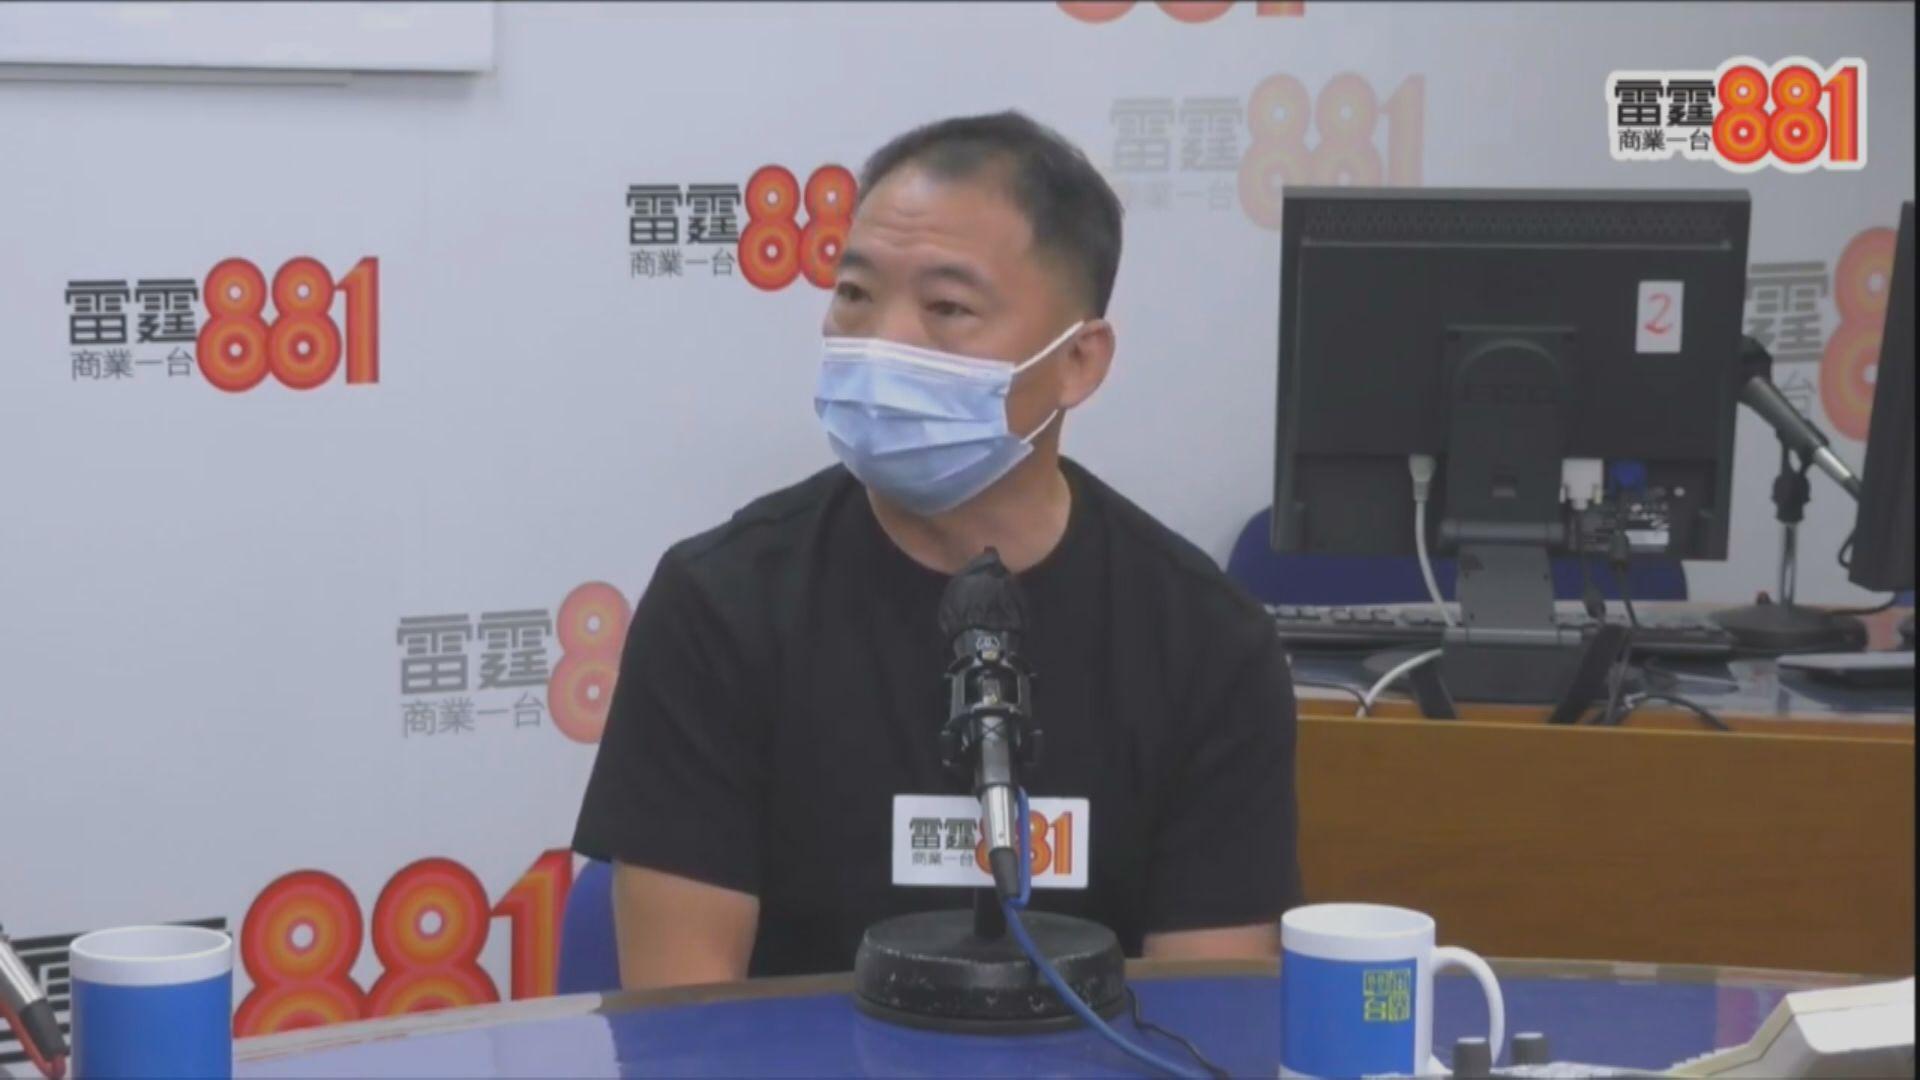 胡志偉:續任立法會是要保留權力制衡政府